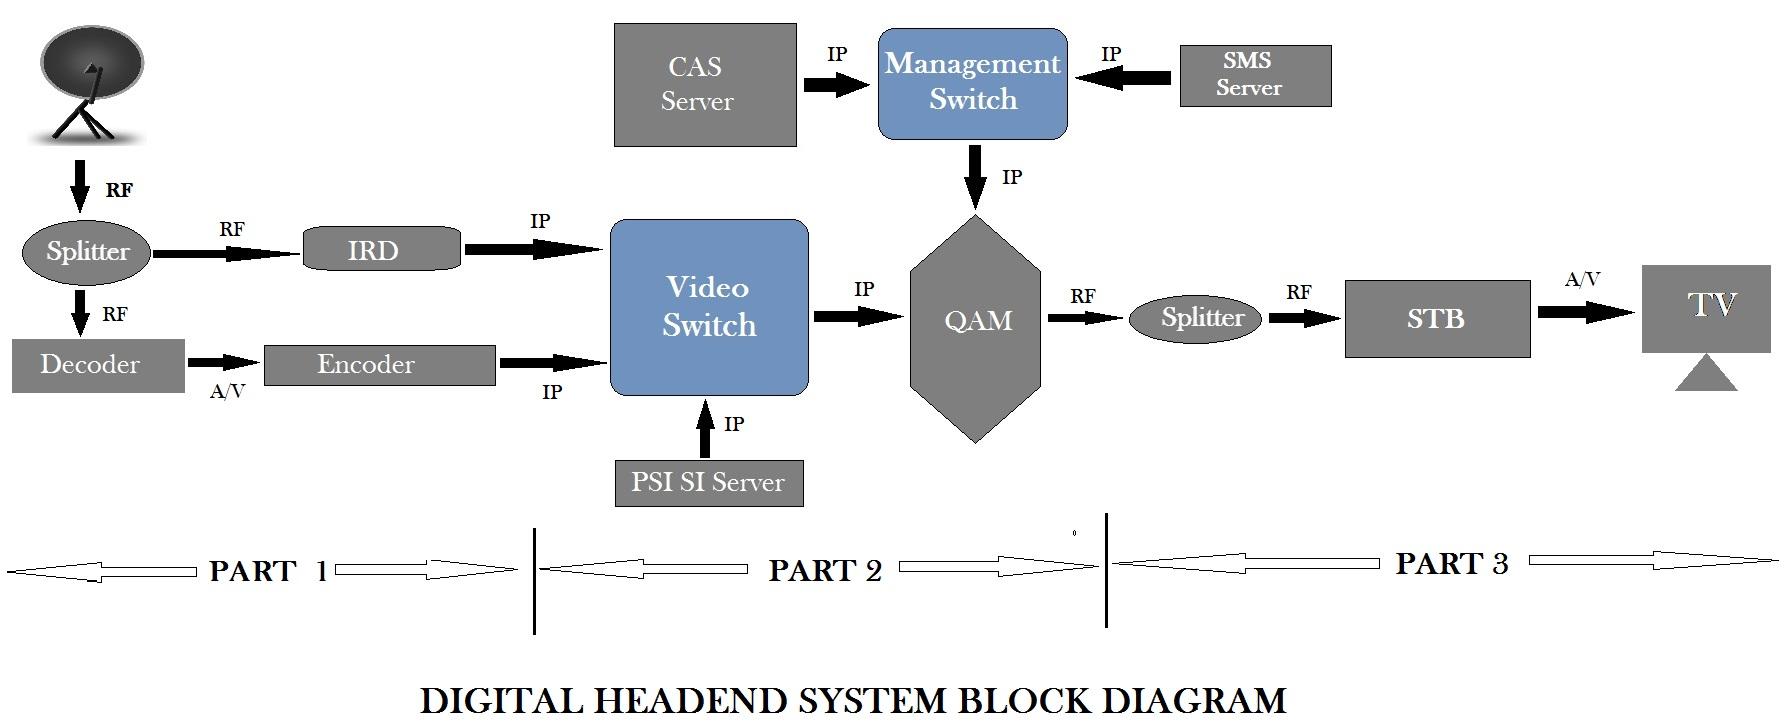 Digital Headend Block Diagram reasons of freezing headend